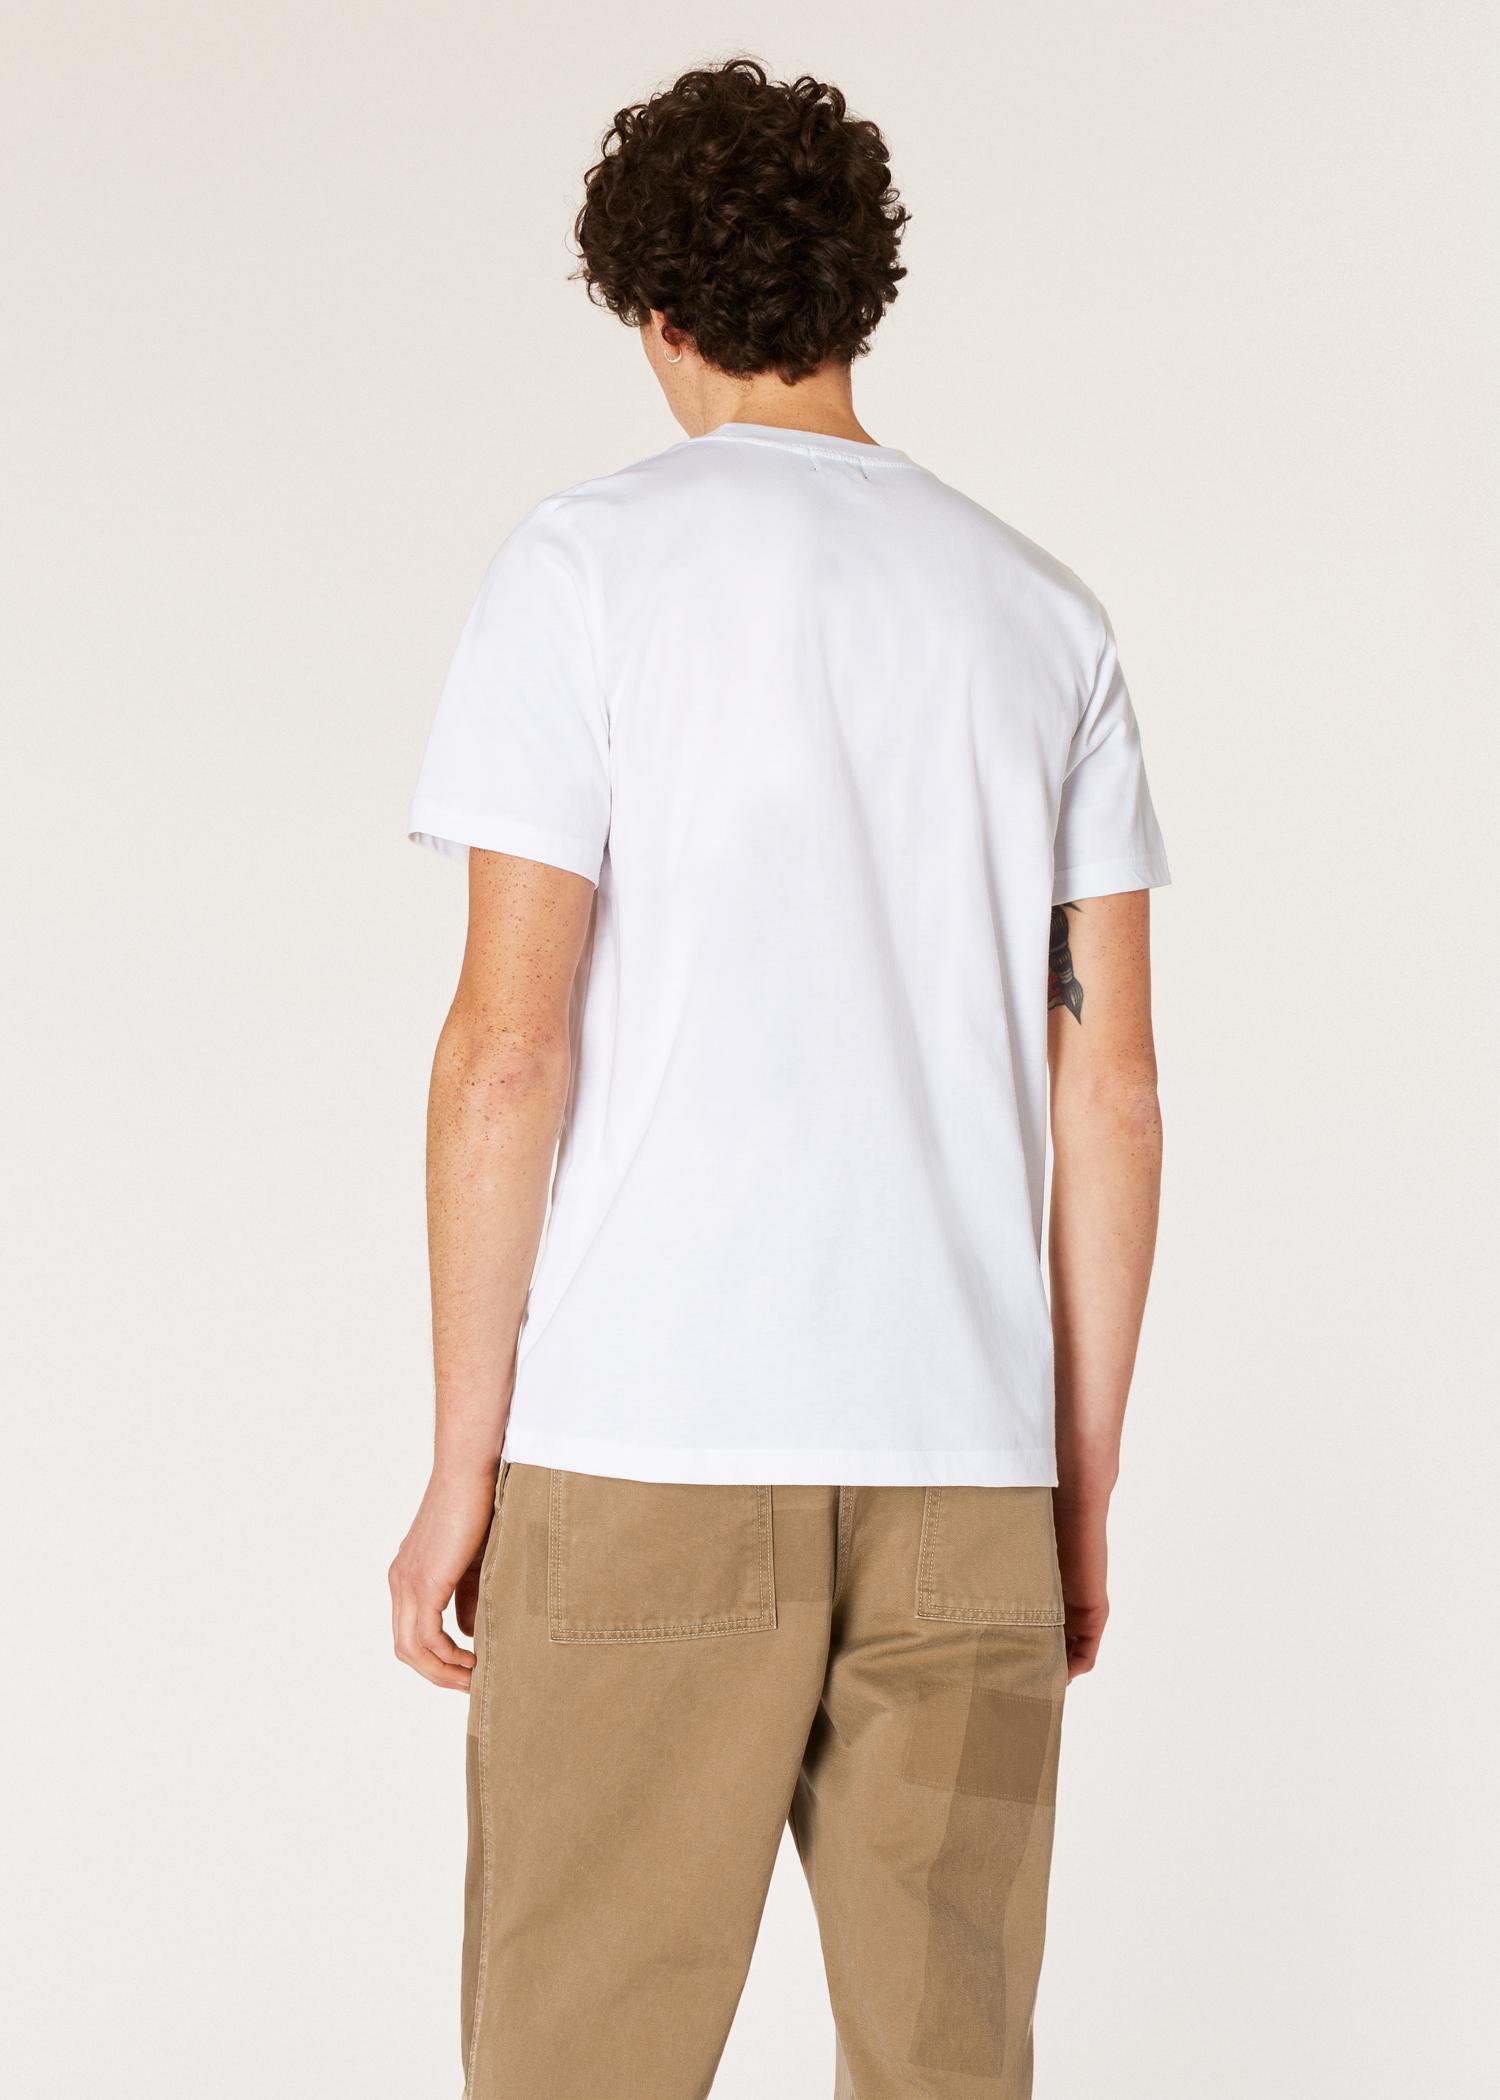 8f843ac8e12 Model back close up - Men's White Small Rabbit Logo Print Red Ear T-Shirt